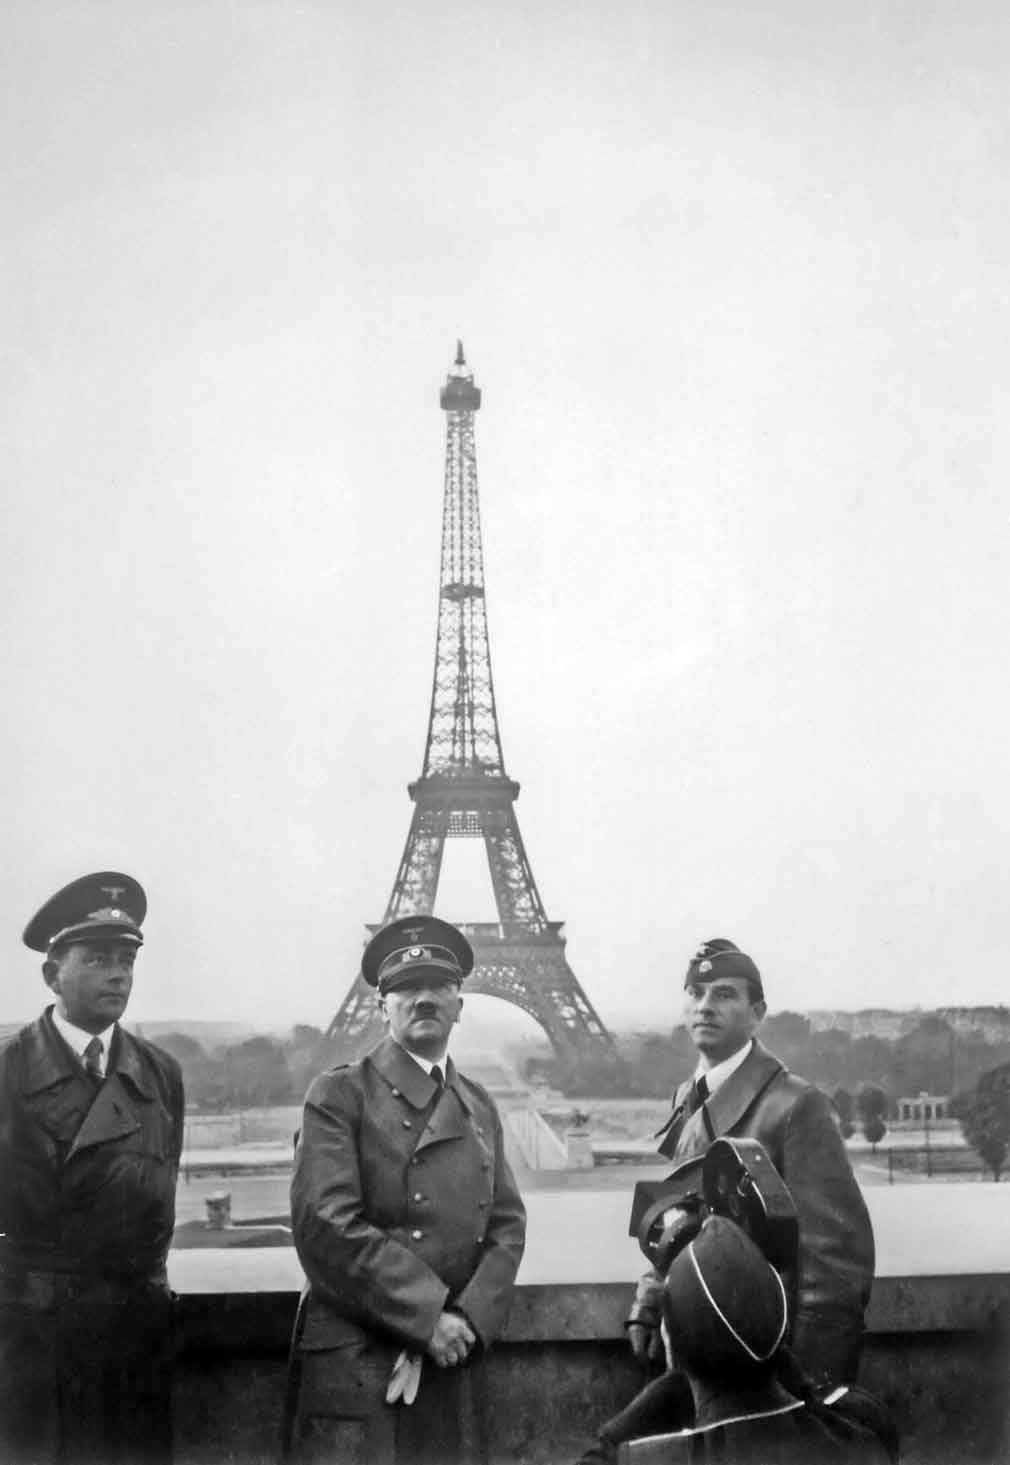 Adolf Hitler en París, 1940. Fotografía de la colección Heinrich Hoffman